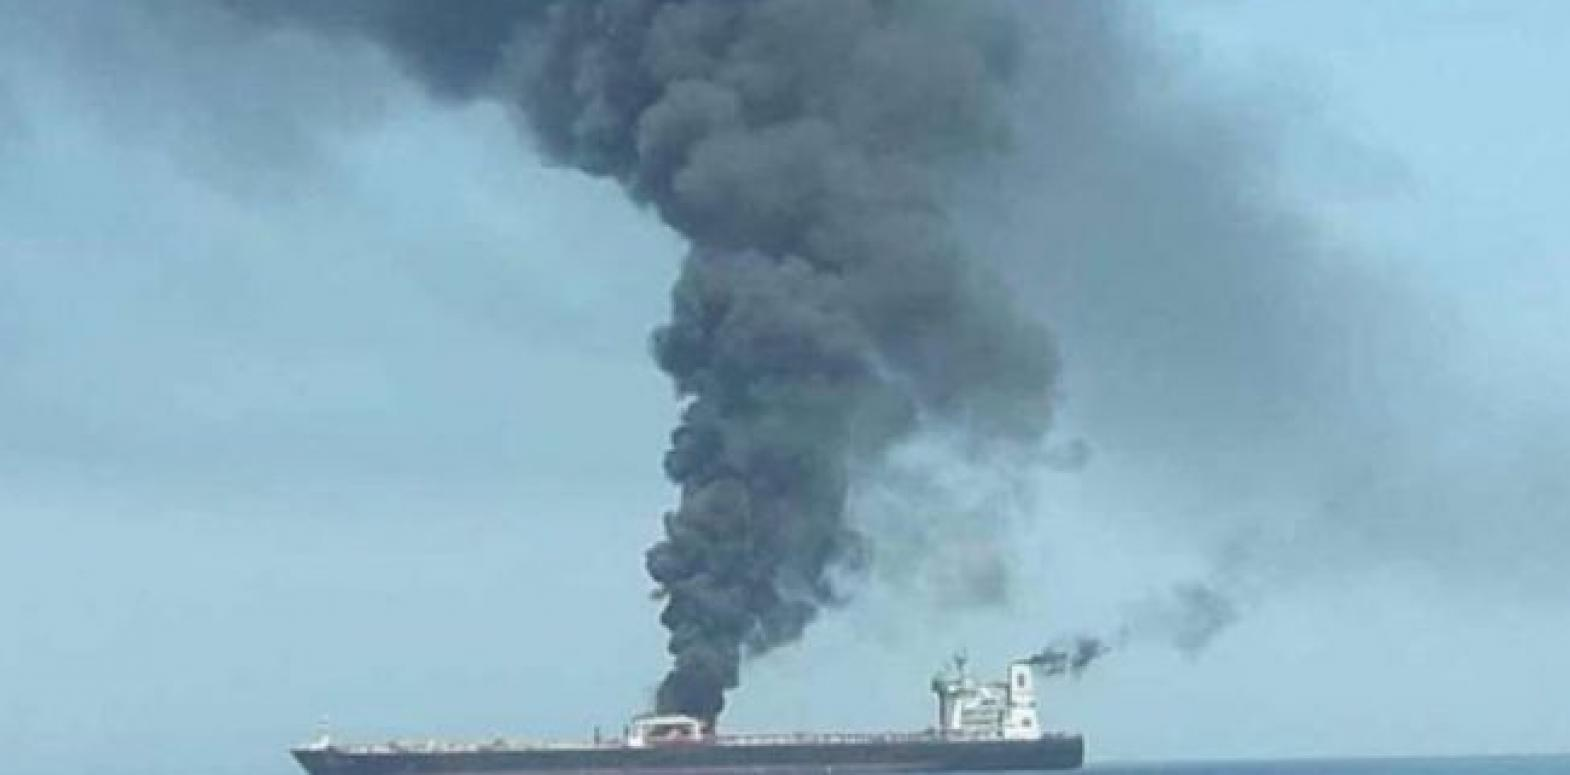 Цены на нефть растут после атаки на танкеры в Оманском заливе